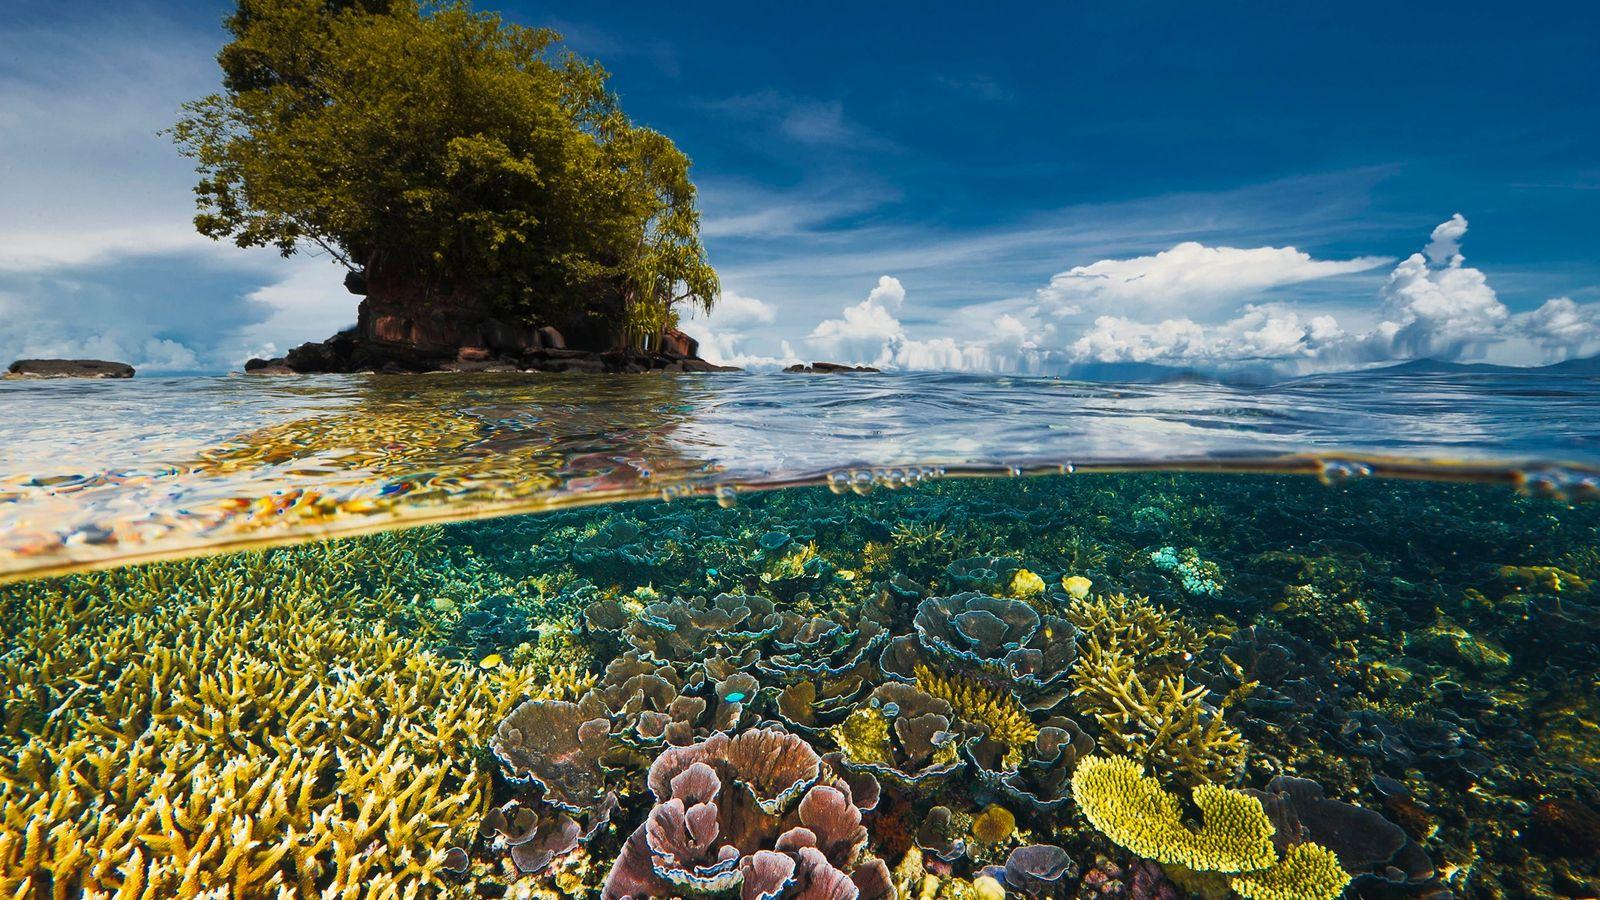 Una península cercana protege un jardín de delicados corales de las tormentas en la bahía de ...